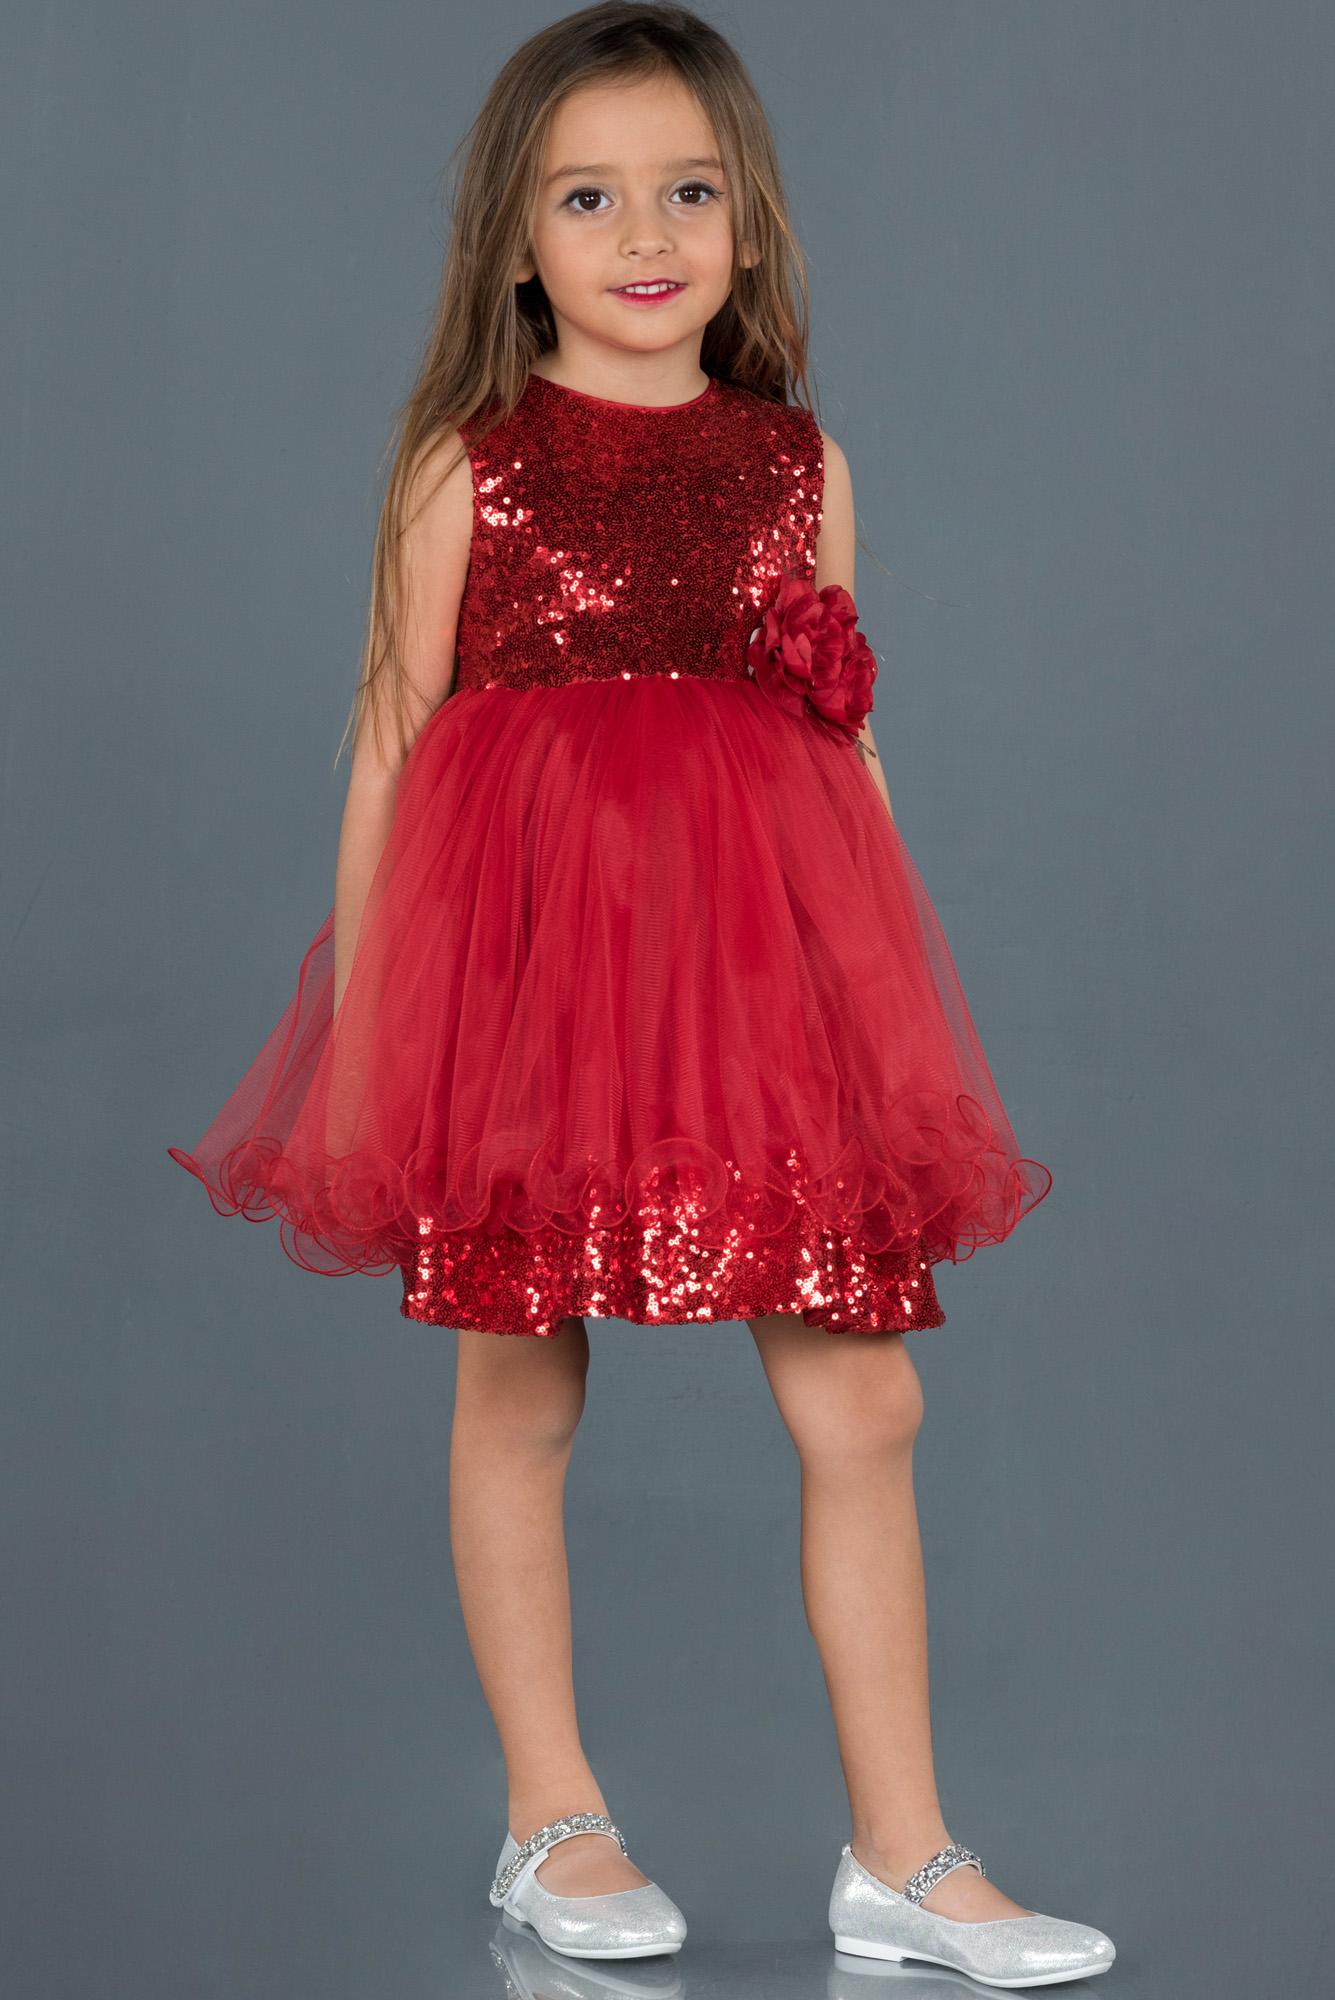 Kırmızı Kısa Pul Işlemeli Tül Detaylı Çocuk Abiye